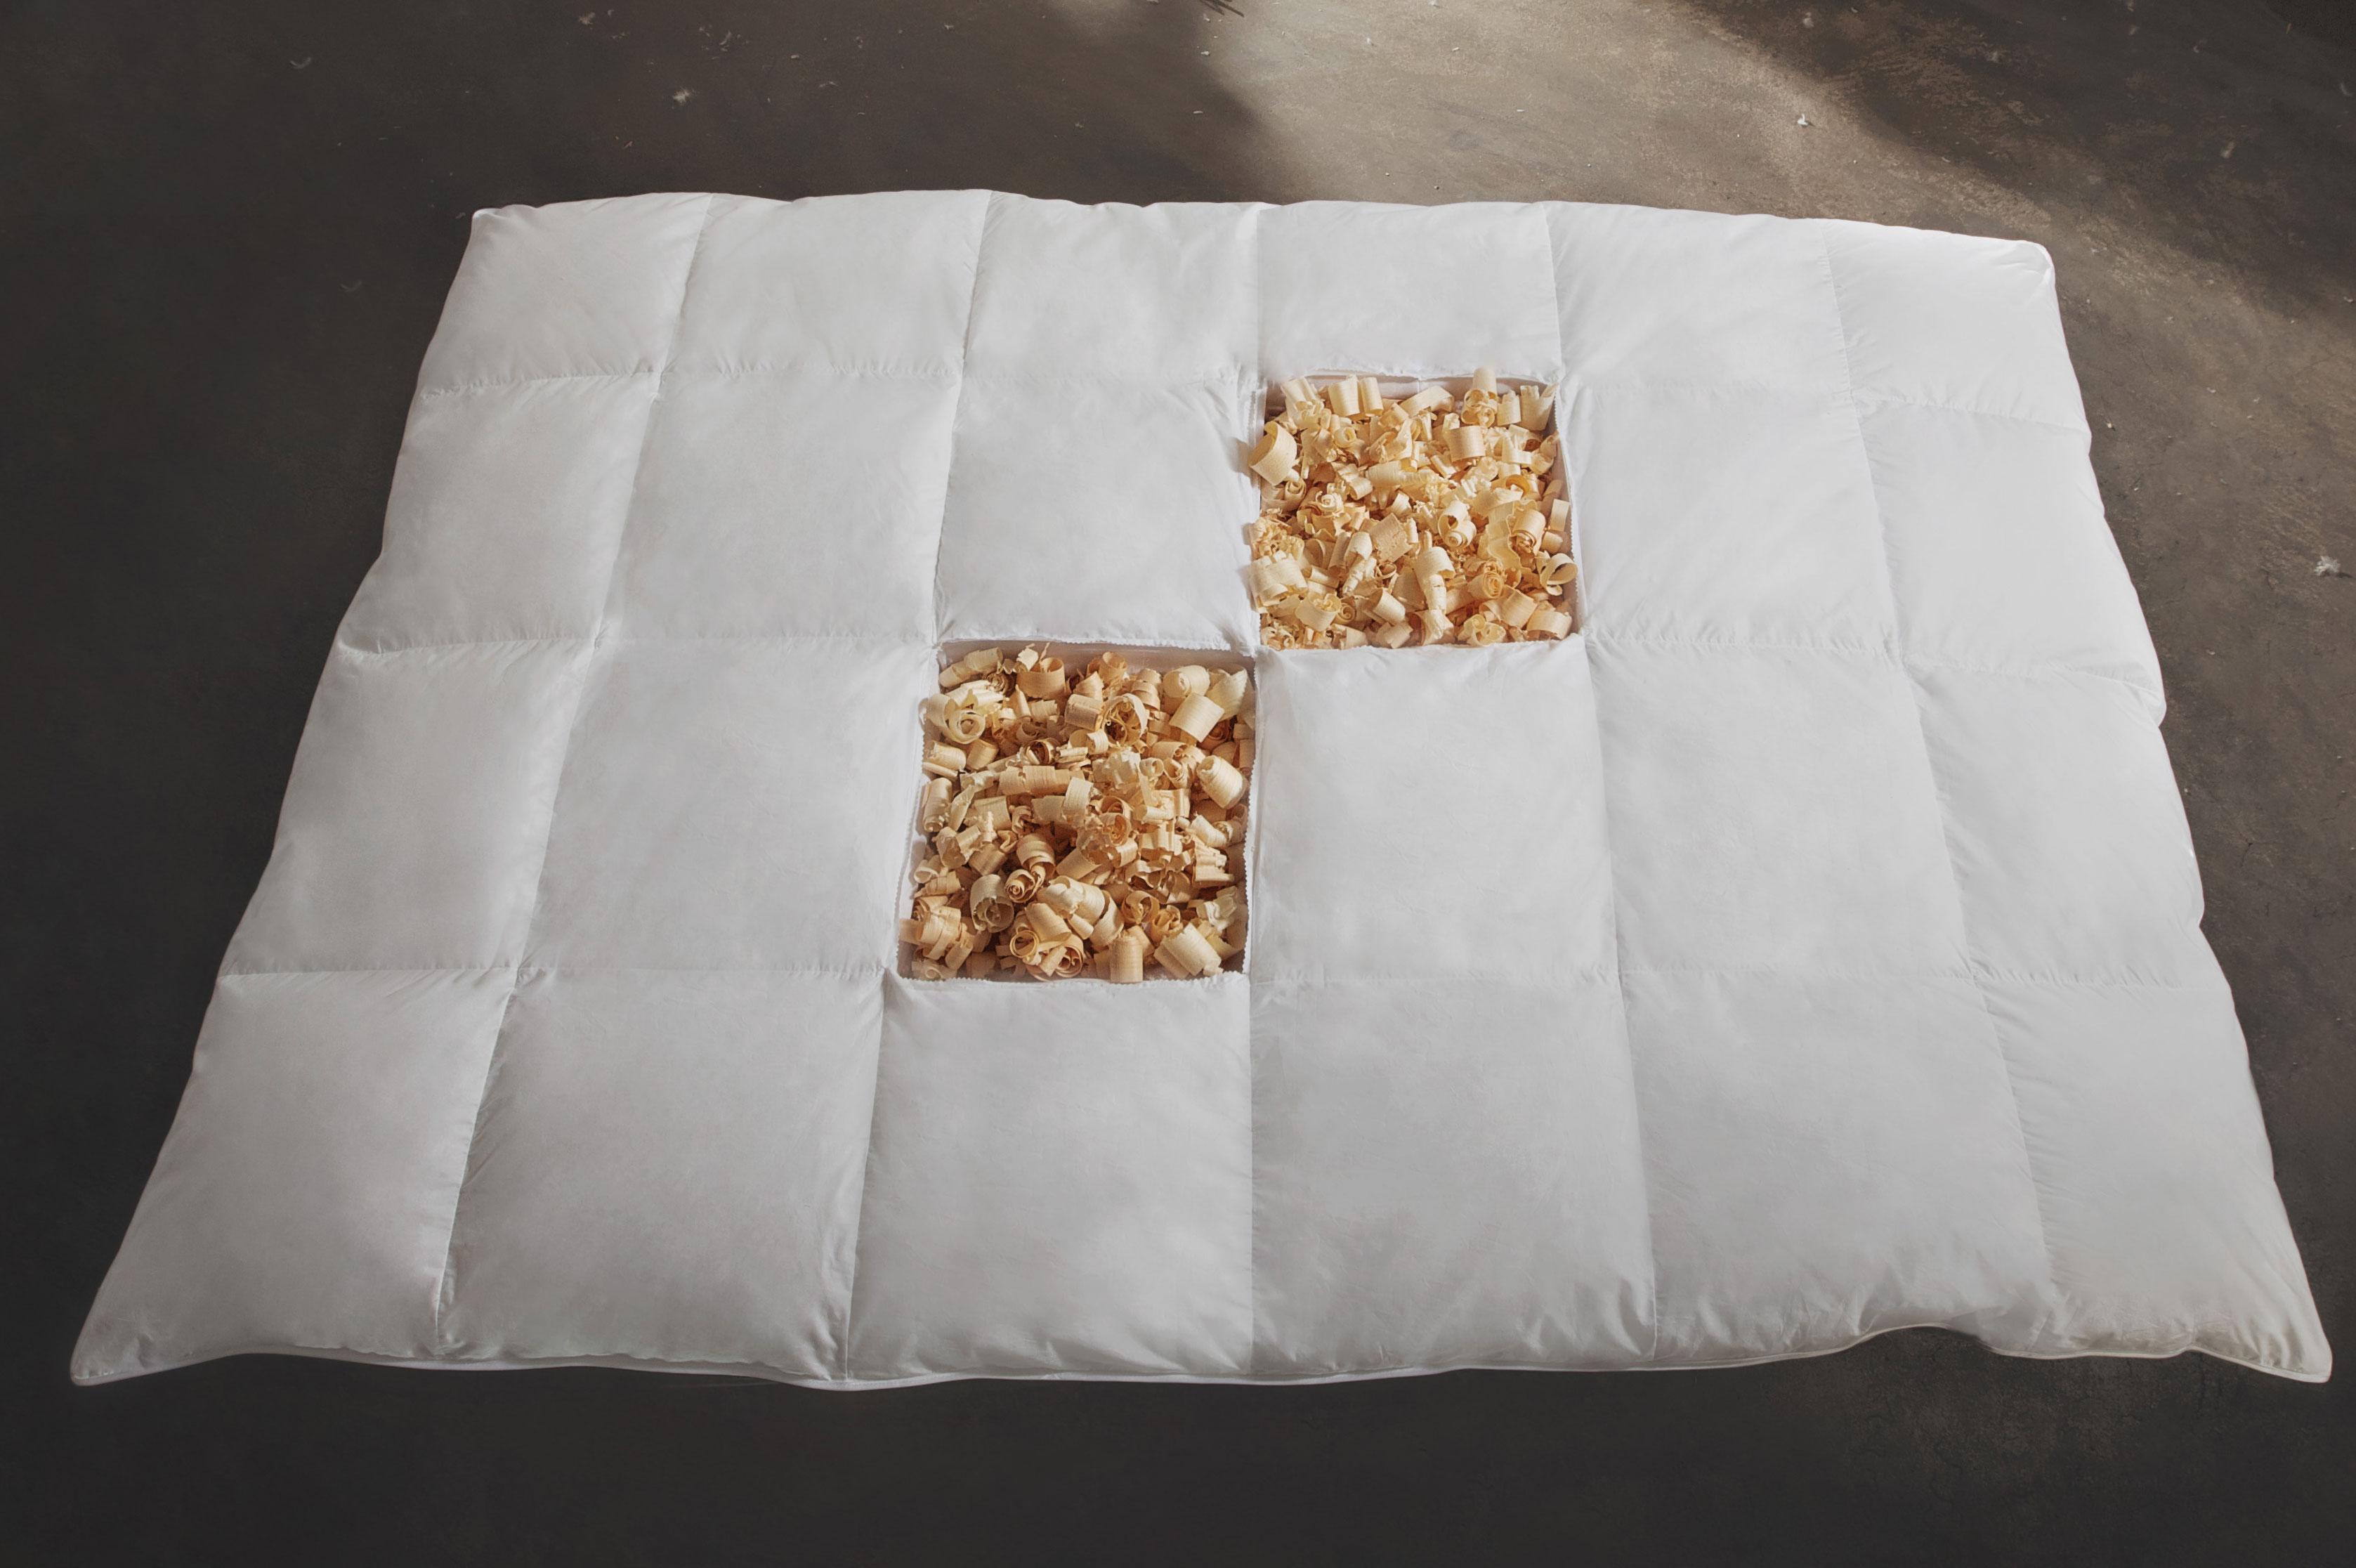 Bettdecken und Kopfkissen - Zirben Daunen Bettdecke Ganzjahresbett warm 155x200 Hermetic® Zirbe  - Onlineshop PremiumShop321